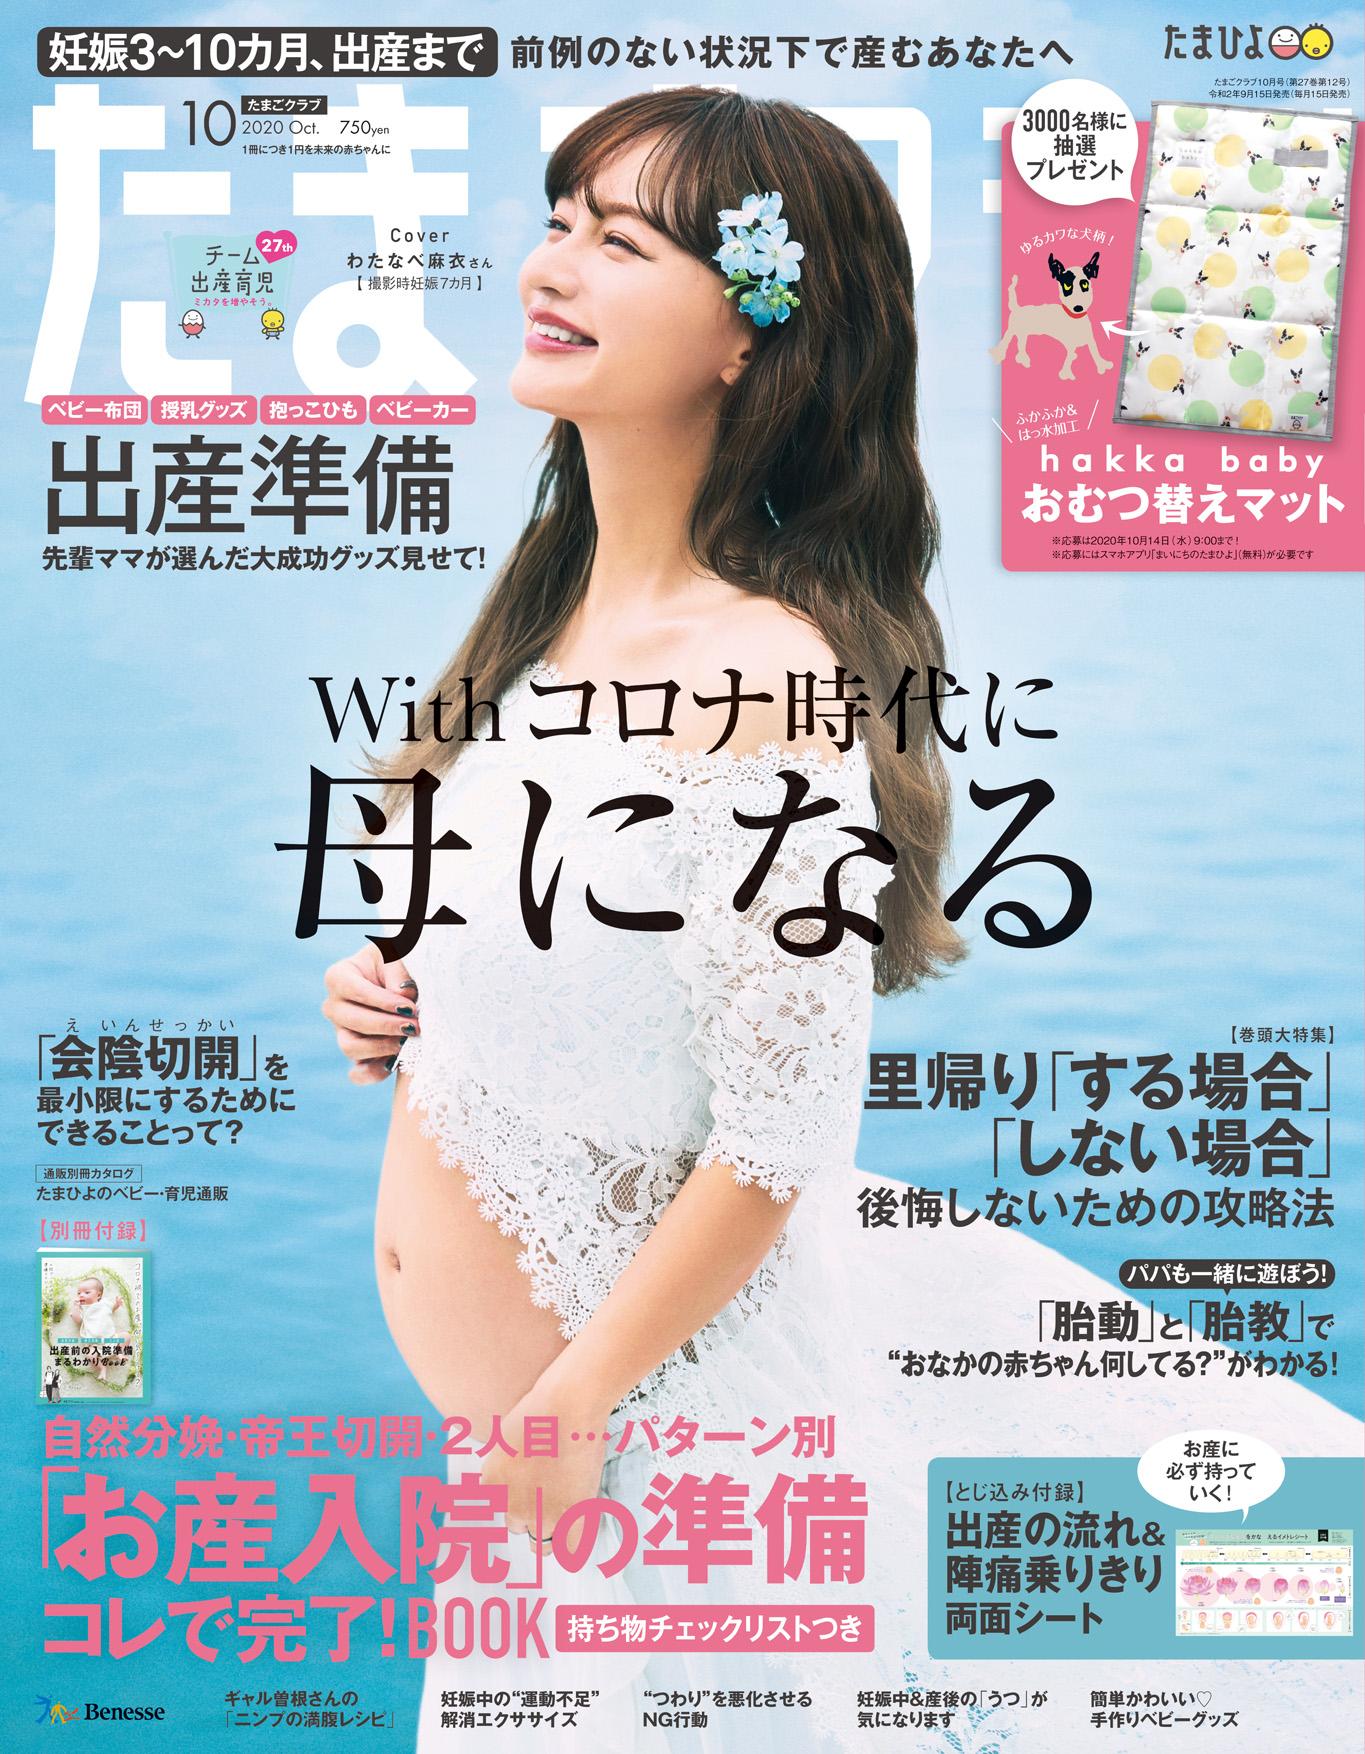 たまご2020年10月号_cover